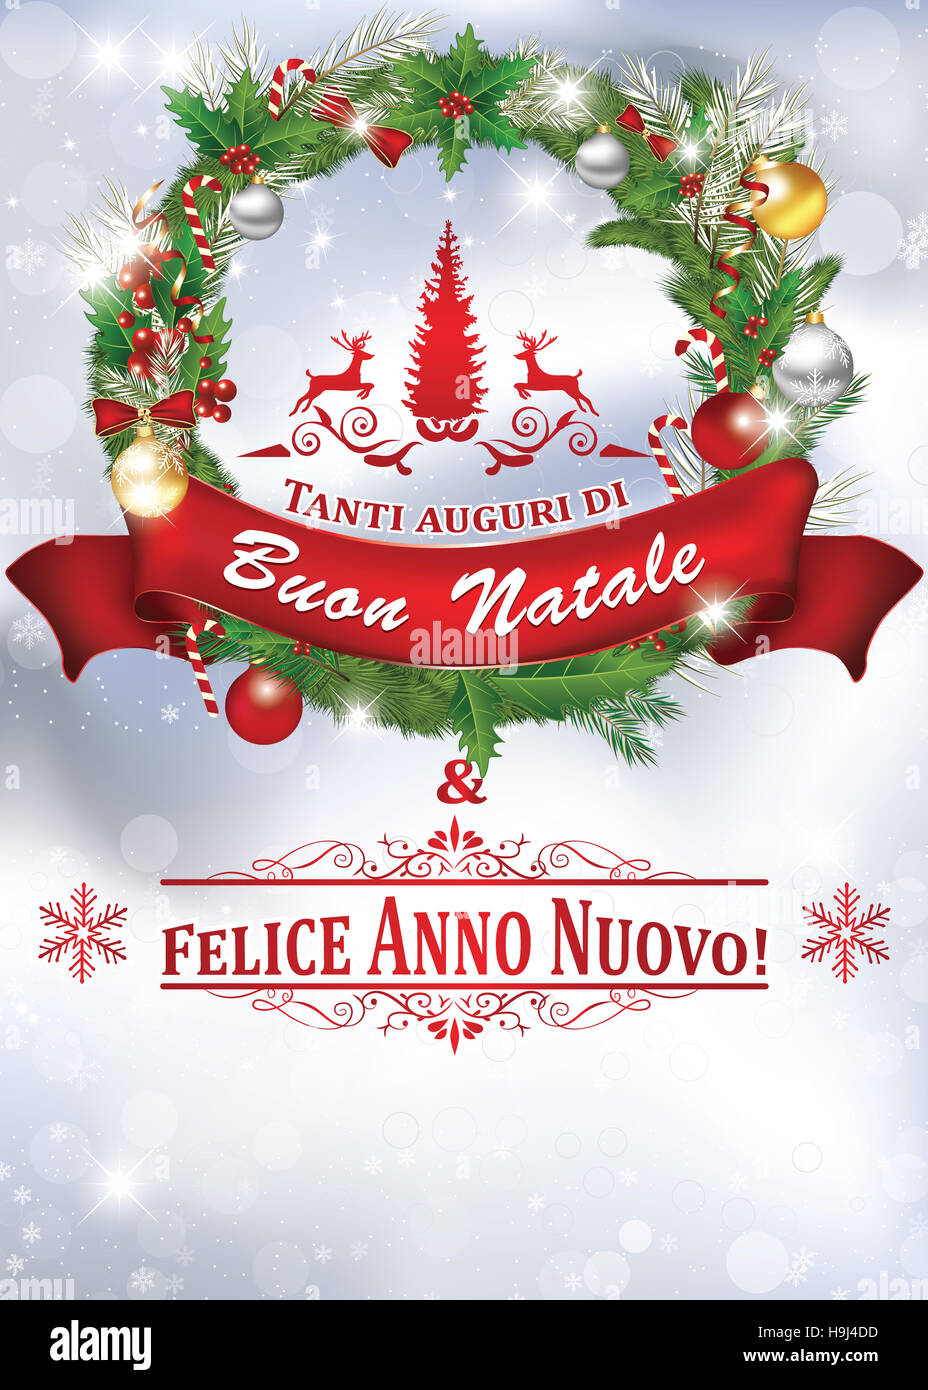 Auguri Di Buon Natale E Felice Anno Nuovo.Tanti Auguri Di Buon Natale E Felice Anno Nuovo Biglietto D